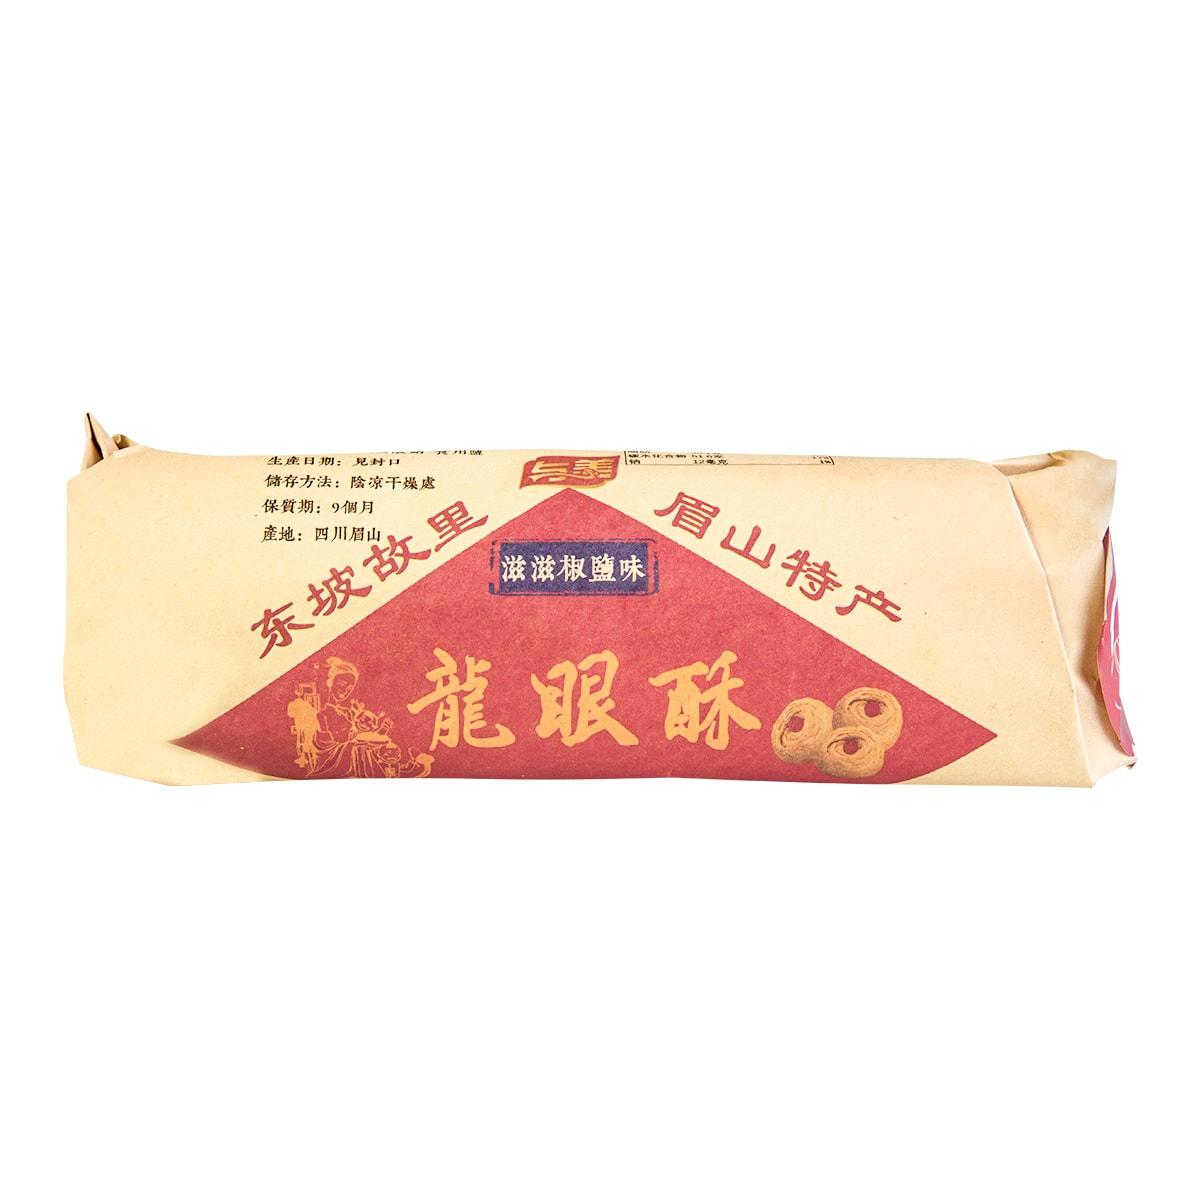 与美 龙眼酥 滋滋椒盐味 150g  眉山特产